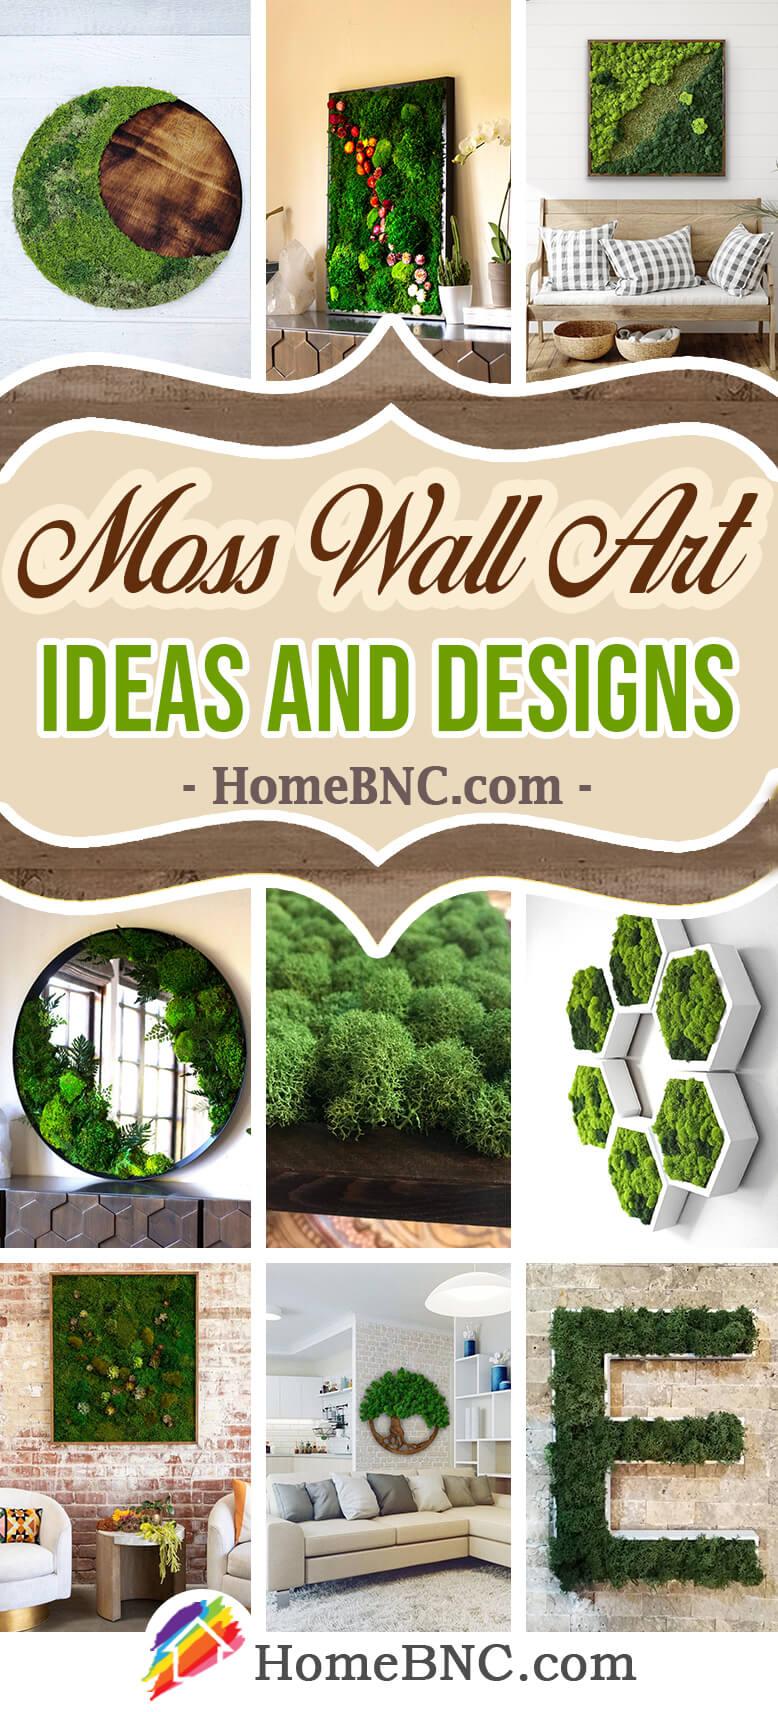 Best Moss Wall Art Ideas And Designs